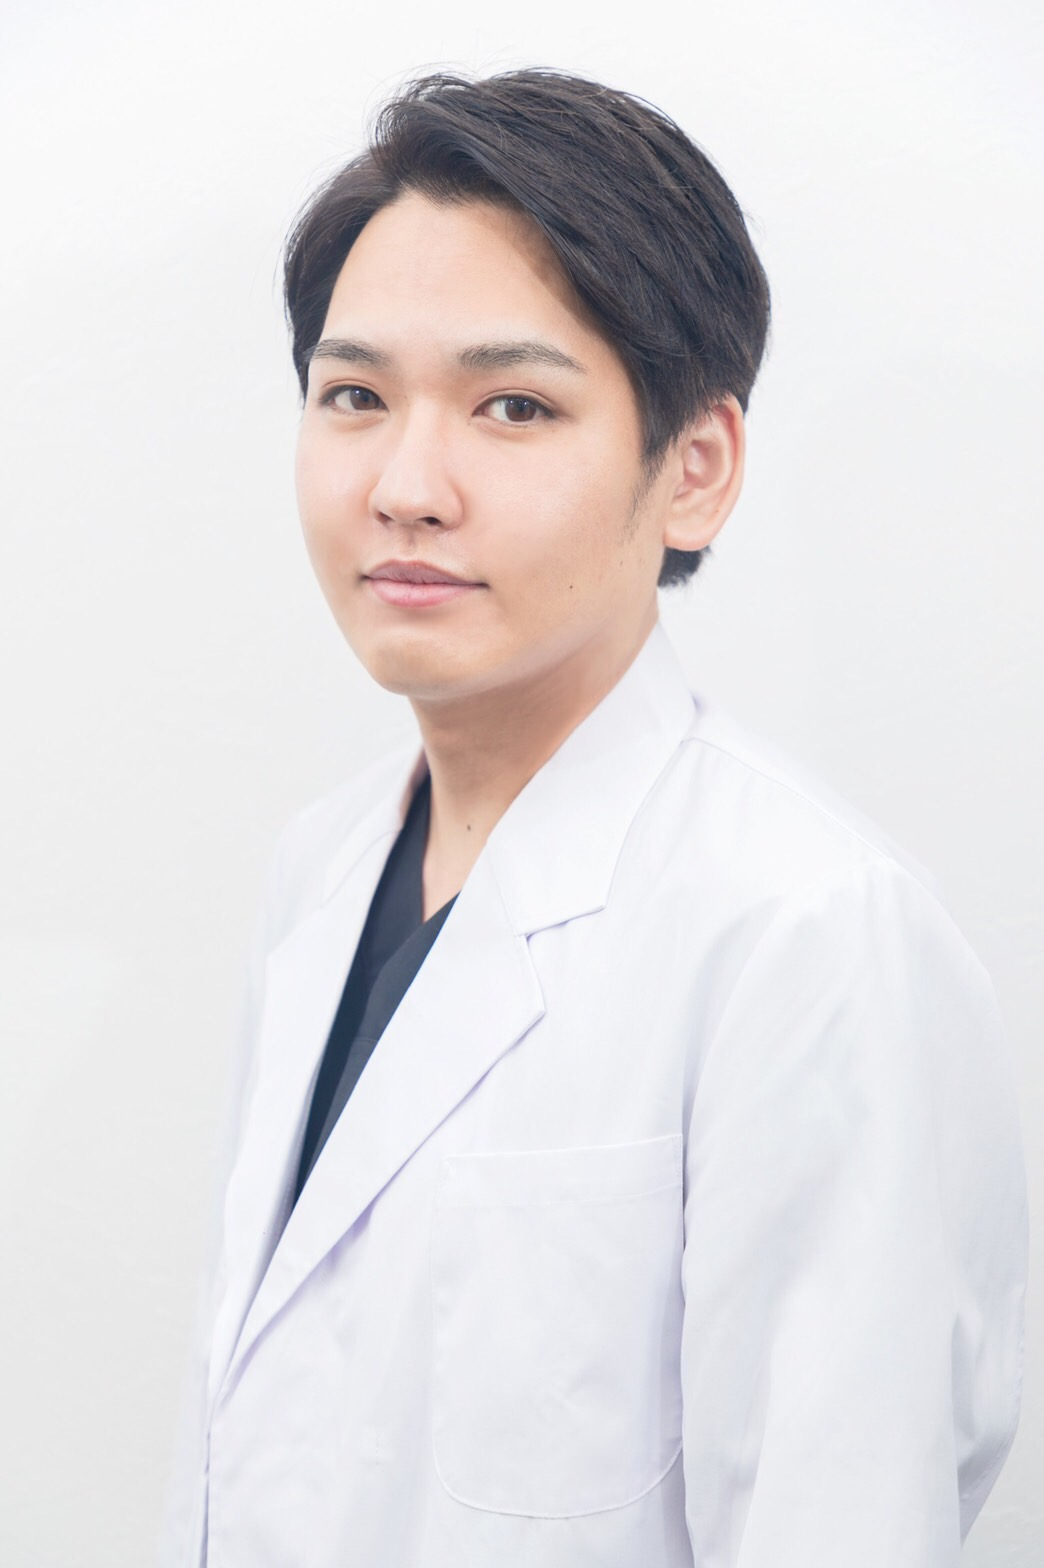 Yuya Kawano M.D